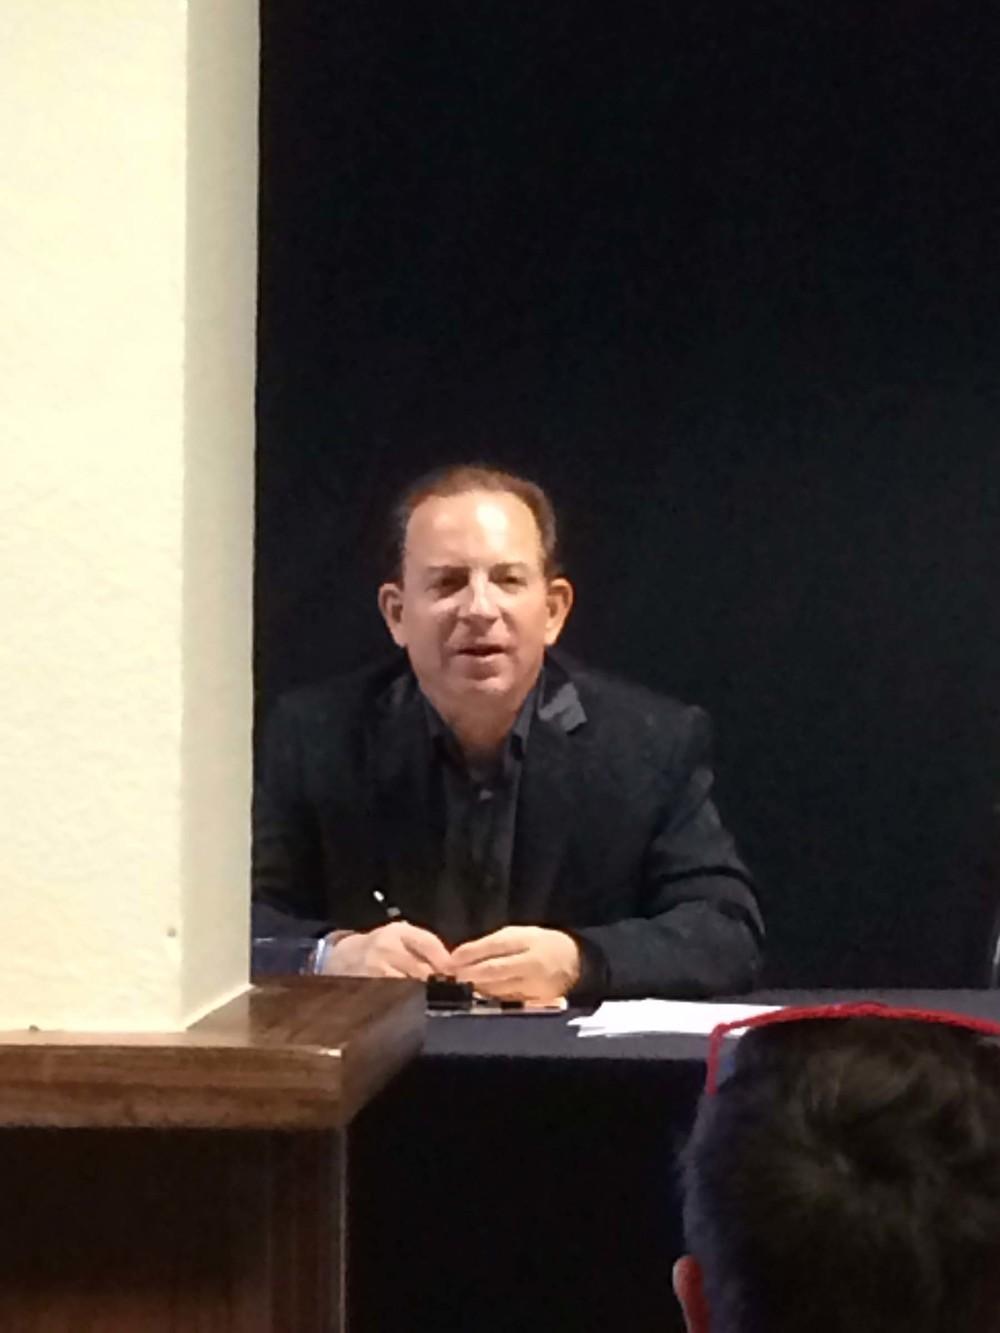 Lester Marks  speaks at Art Aspen, 8/3/14